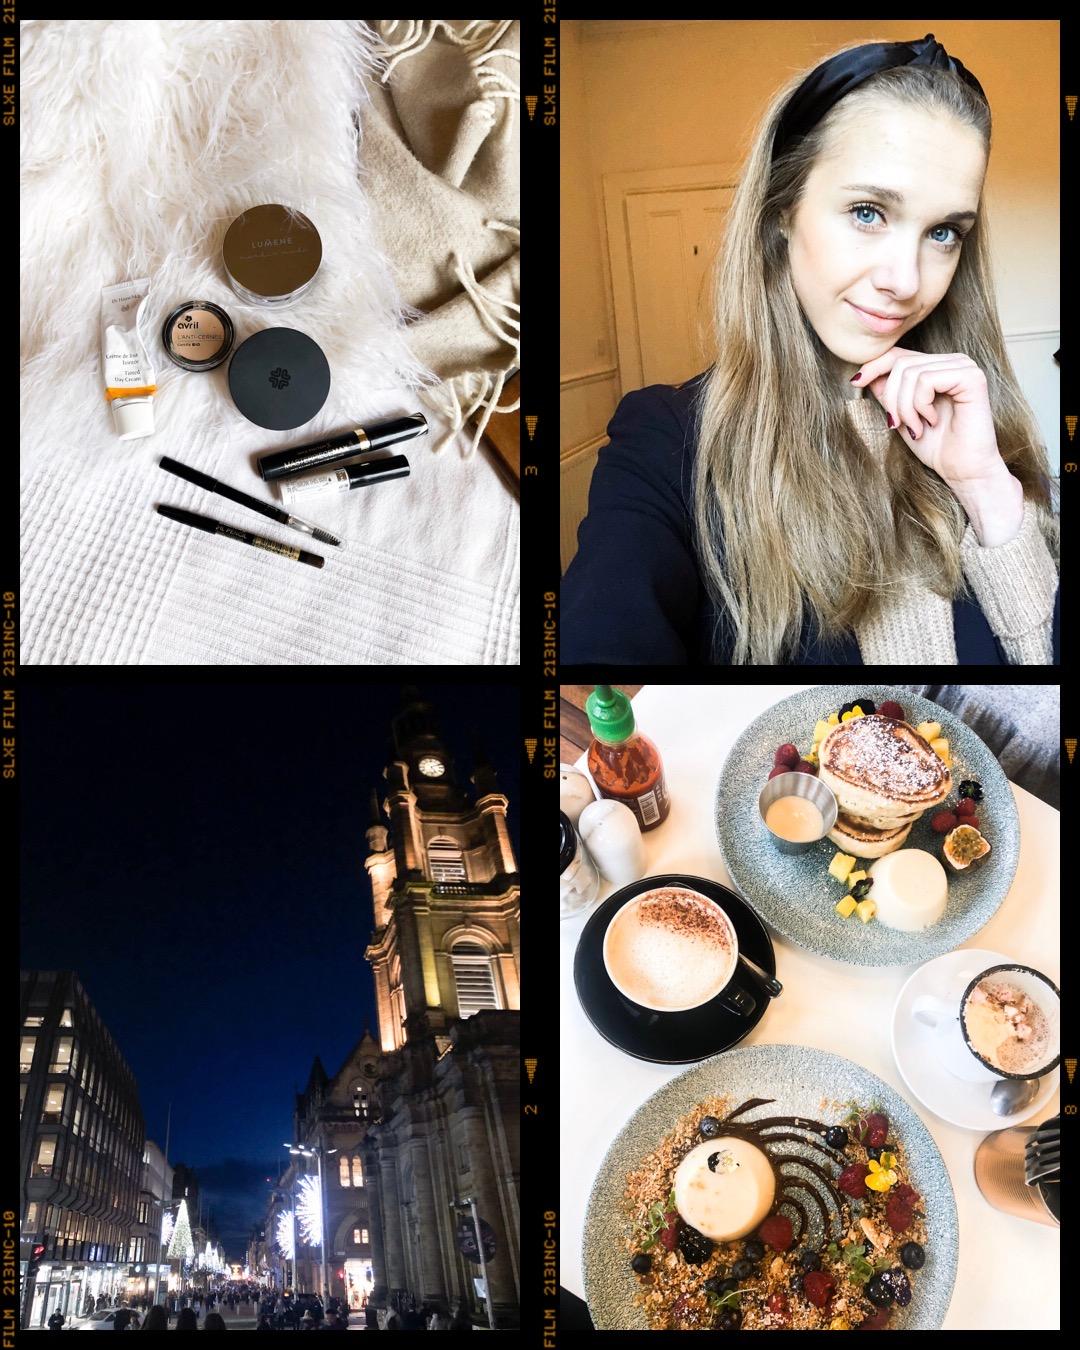 Make up products, natural make up, selfie, Christmas lights, Glasgow cafe, coffee shop, pancakes, breakfast, granola - Meikit, luonnollinen meikki, jouluvalot, kahvila, aamupala, kahvi, pannukakut